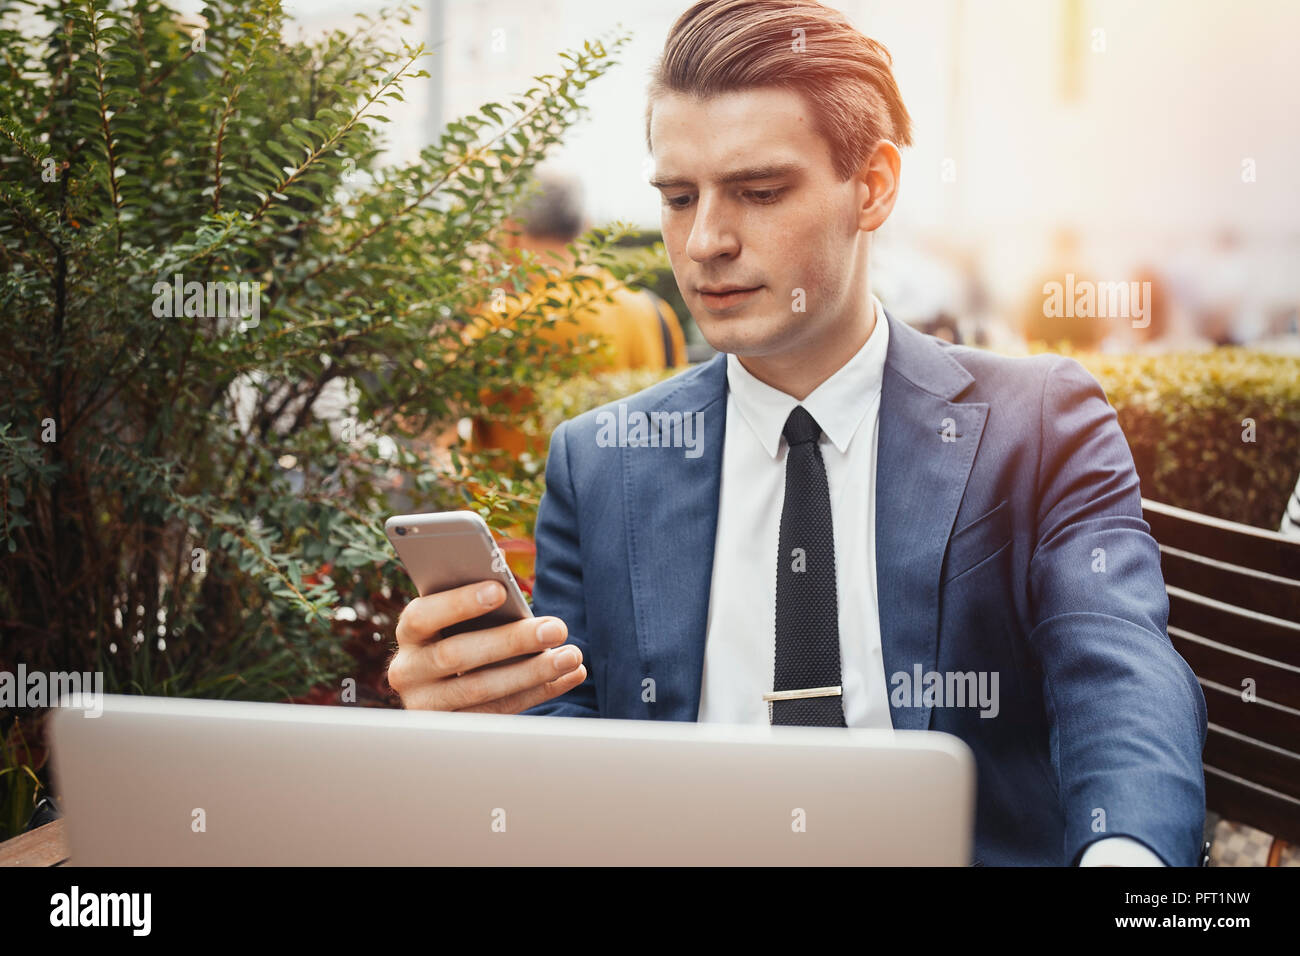 Young businessman holding mobile phone dans la main et assis à côté de l'ordinateur portable. Photo Stock